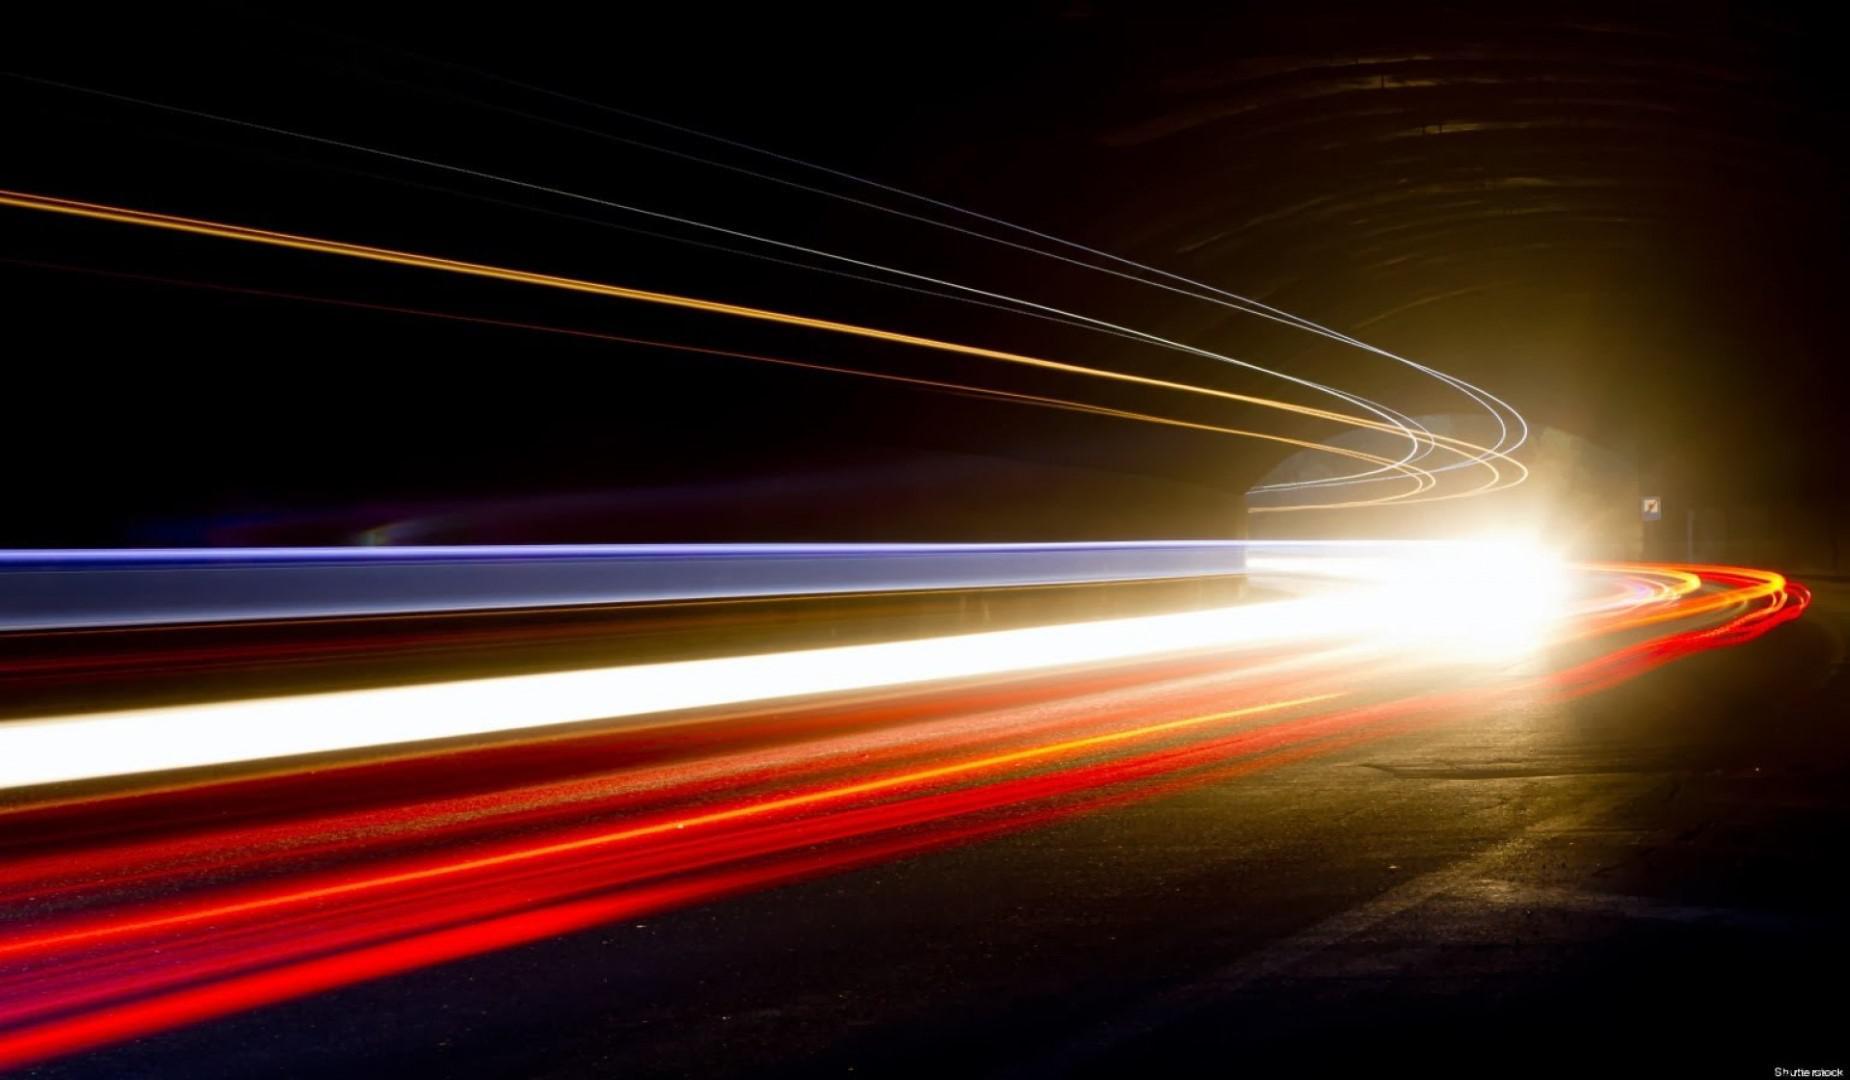 Des voitures plus rapides et à la silhouette plus agressive q'une Formule 1 :Regardez ceci